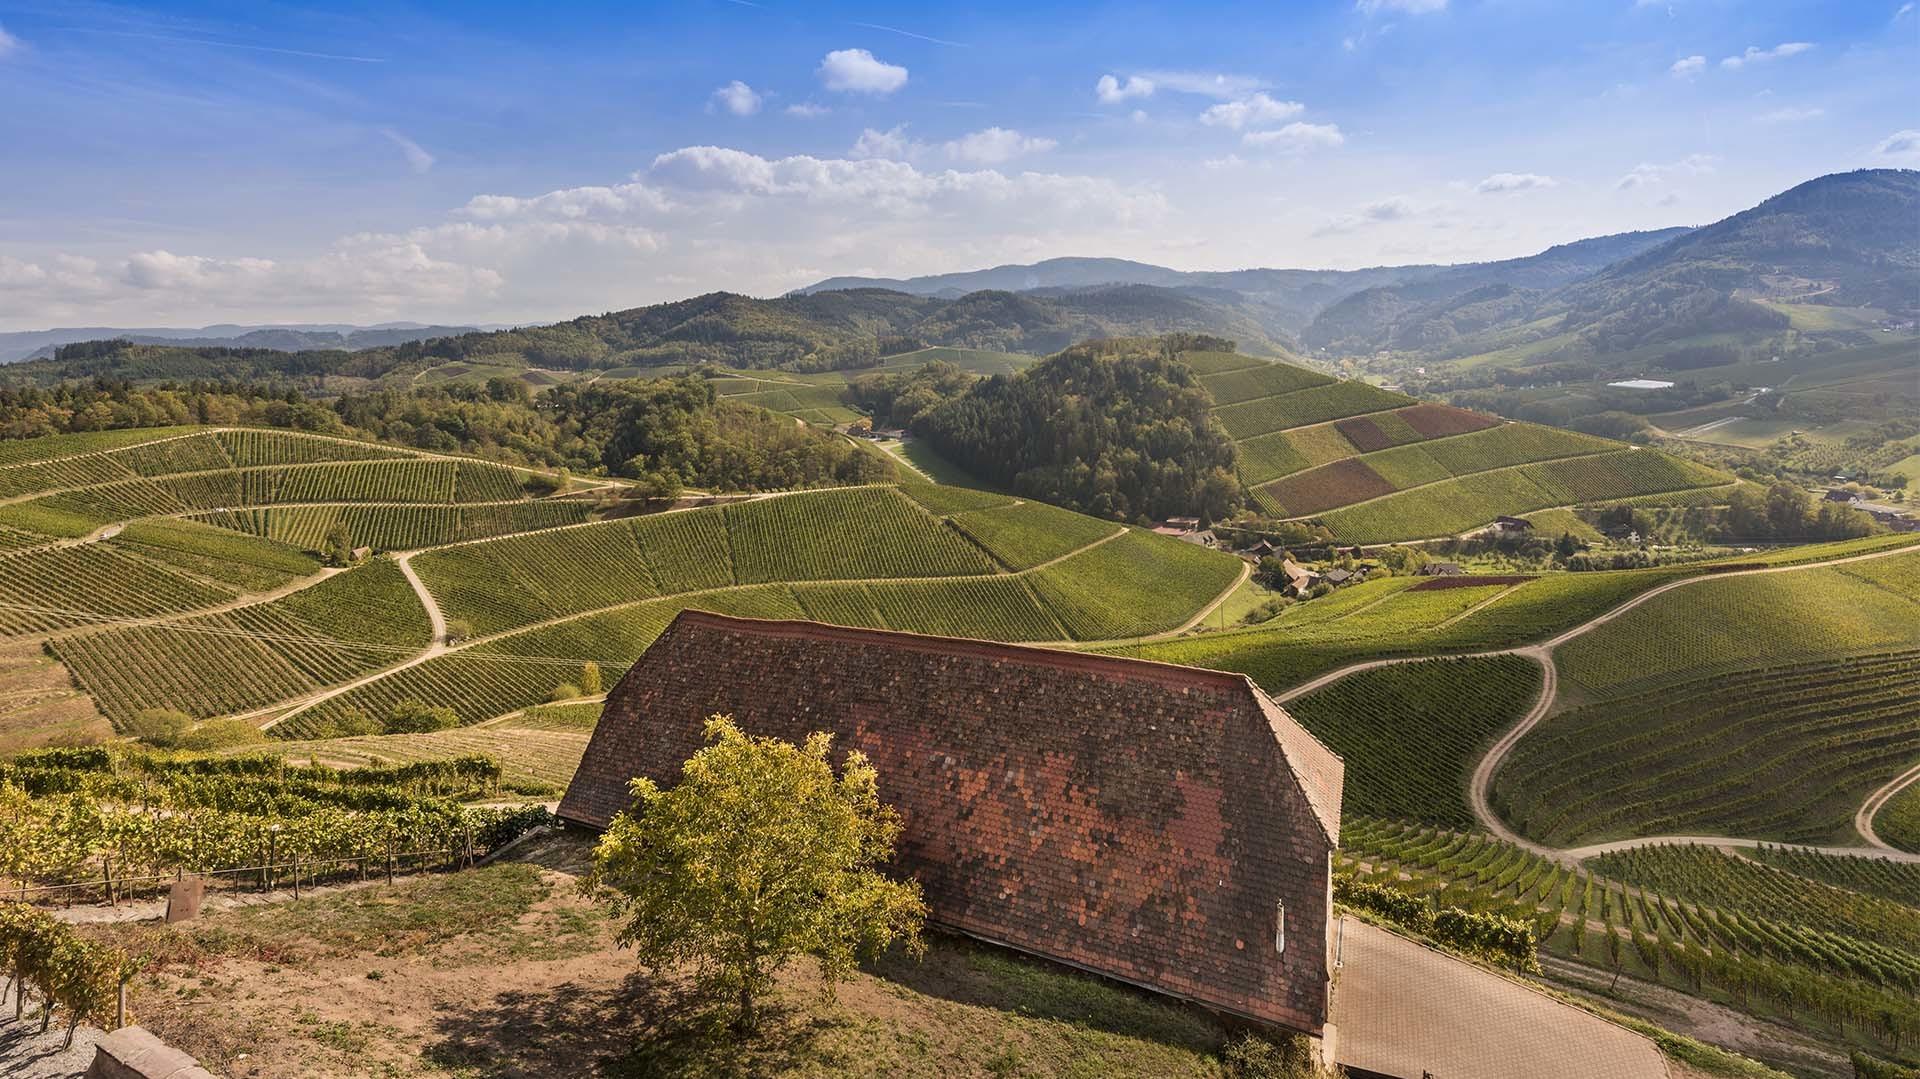 Landschaft_Blick vom Schloss auf Reben in Richtung Gebirg